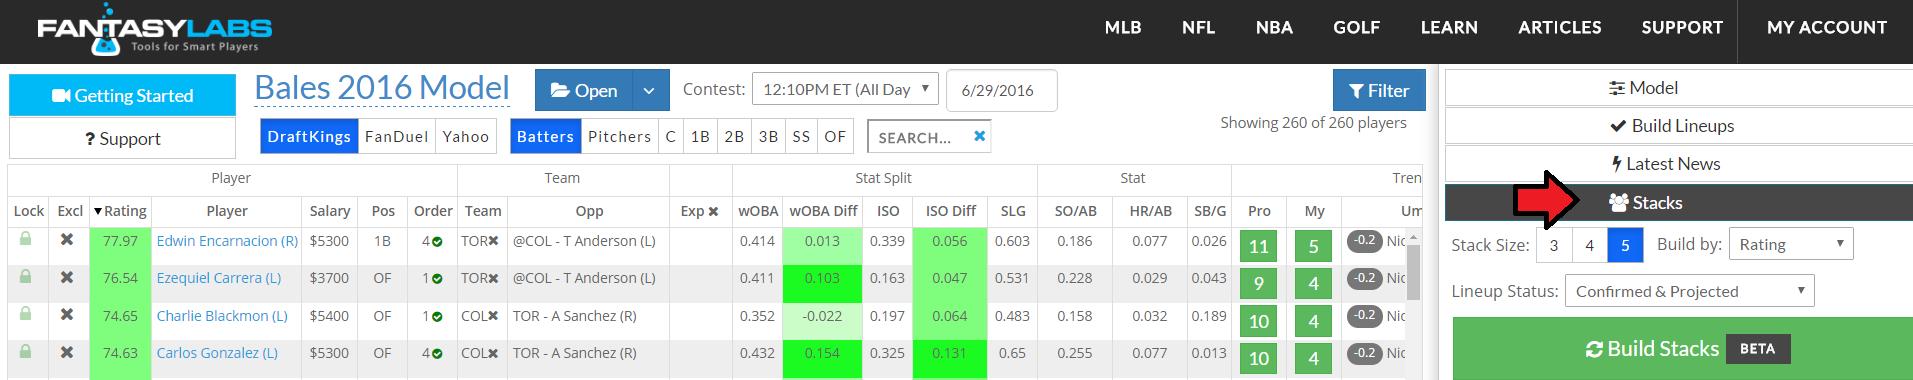 FantasyLabs MLB Stacking Feature | FantasyLabs